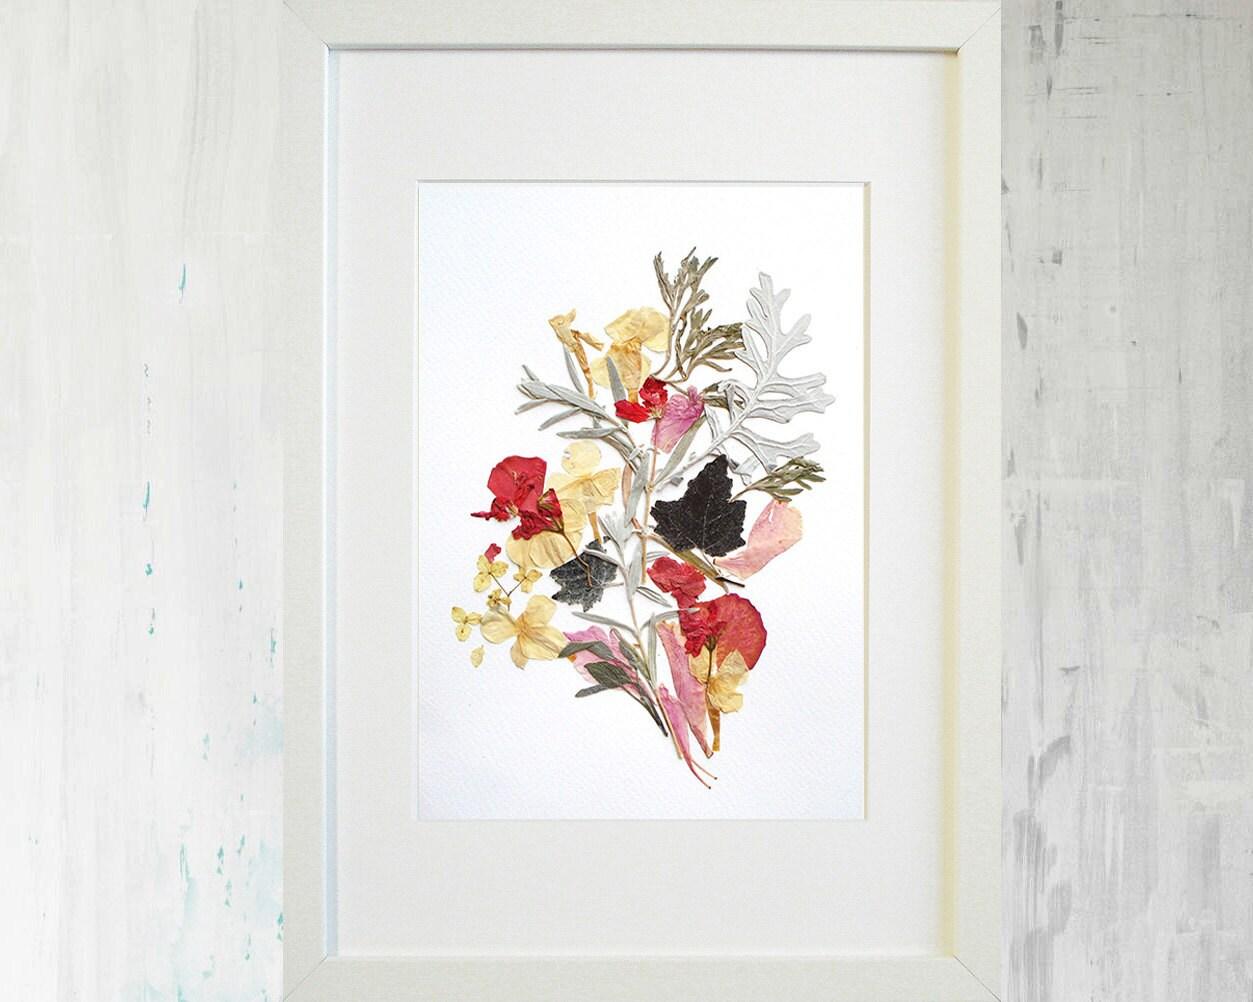 Blume Druck botanischen Druck gepresste Blume Art getrocknete